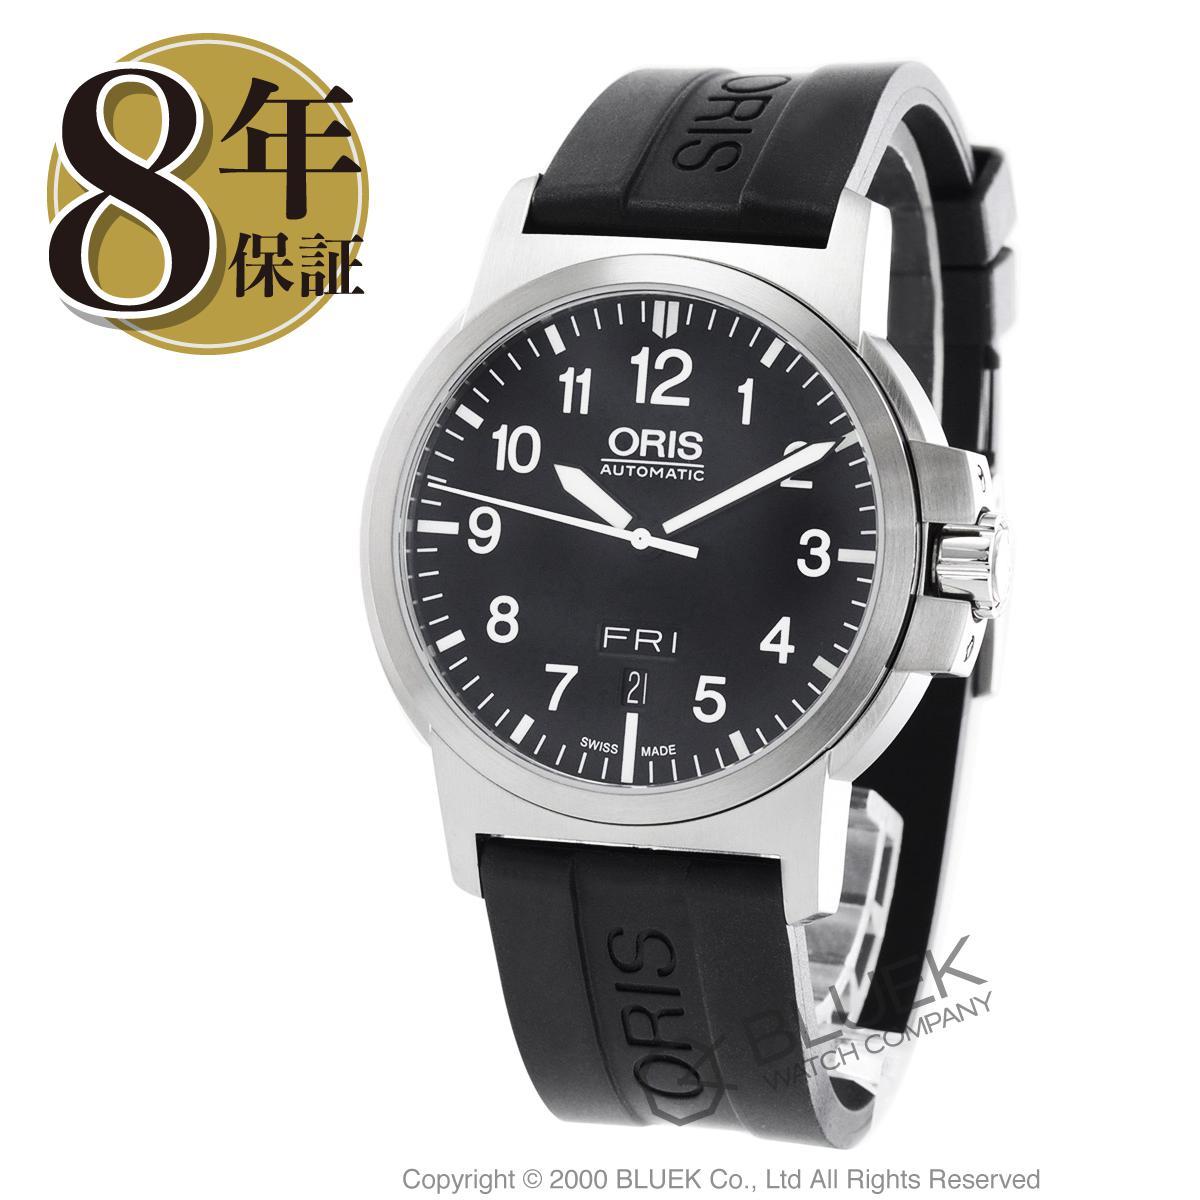 オリス ORIS 腕時計 BC3 アドバンスド メンズ 735 7641 4164R_8